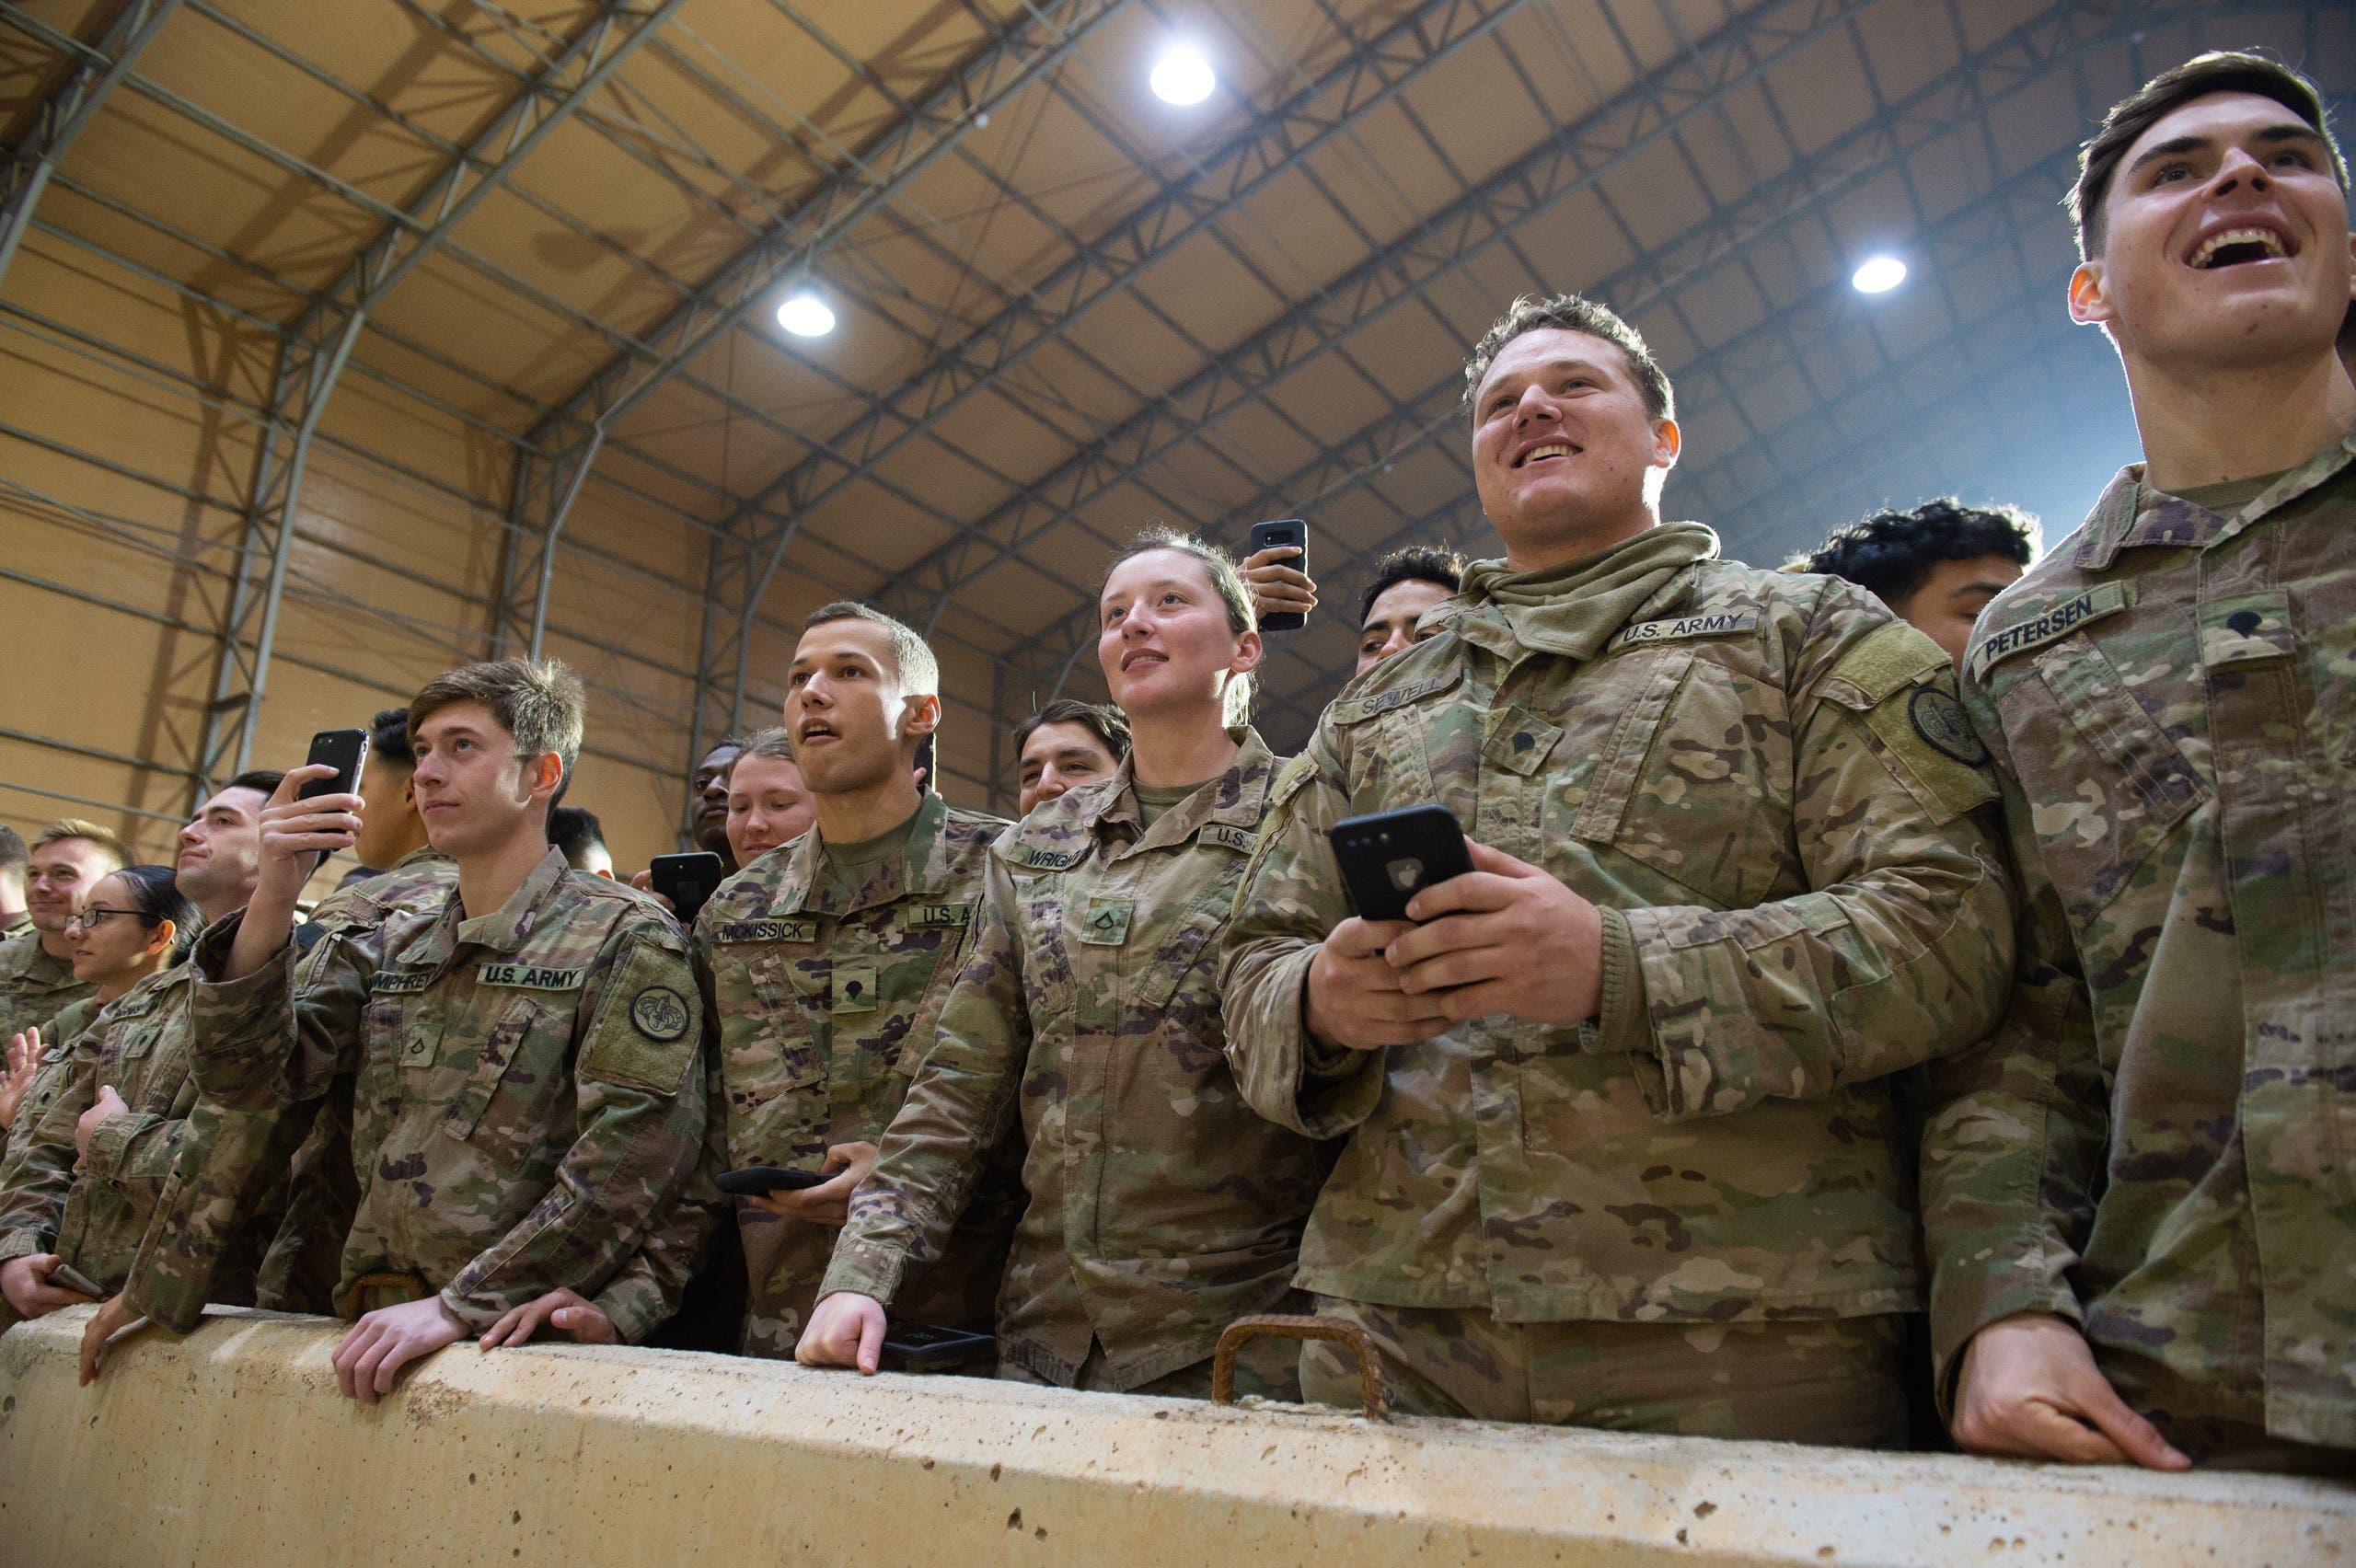 عناصر من القوات الأميركية في قاعدة عين الأسد بالأنبار